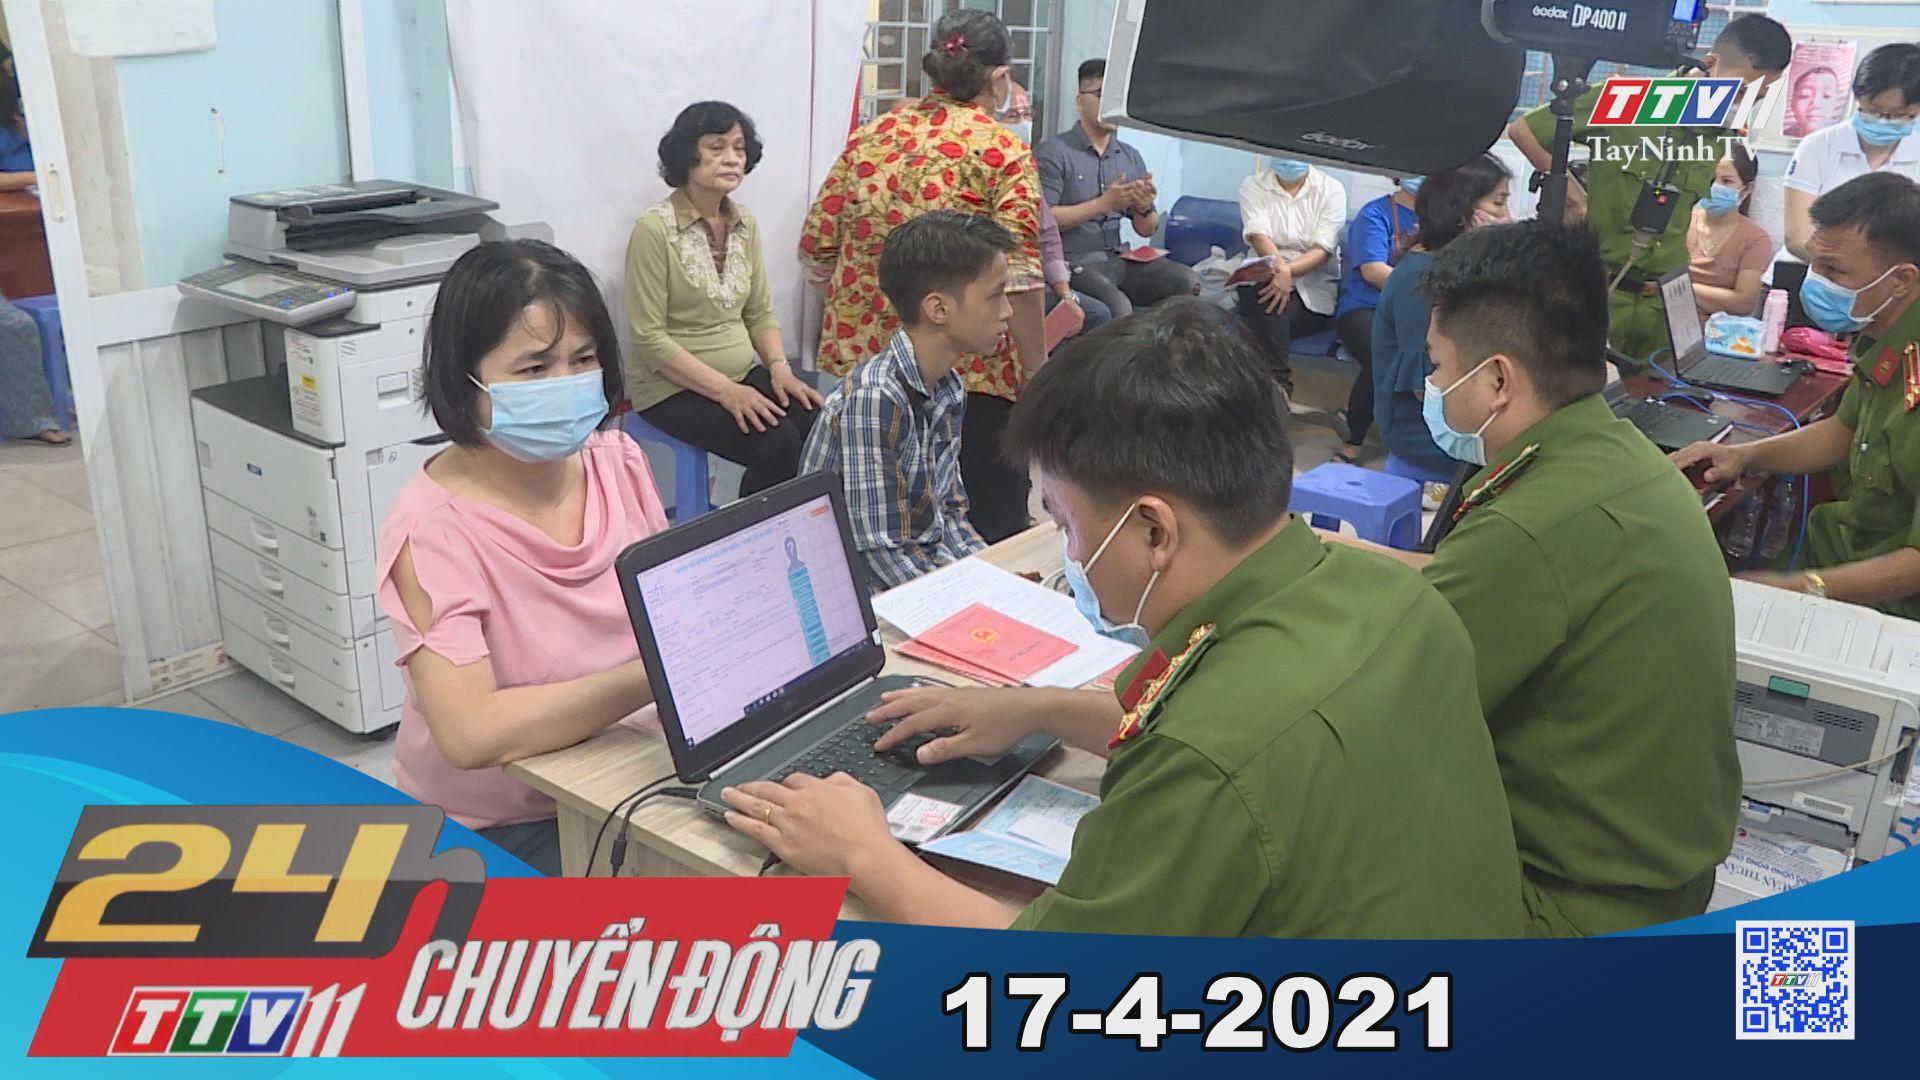 24h Chuyển động 17-4-2021 | Tin tức hôm nay | TayNinhTV